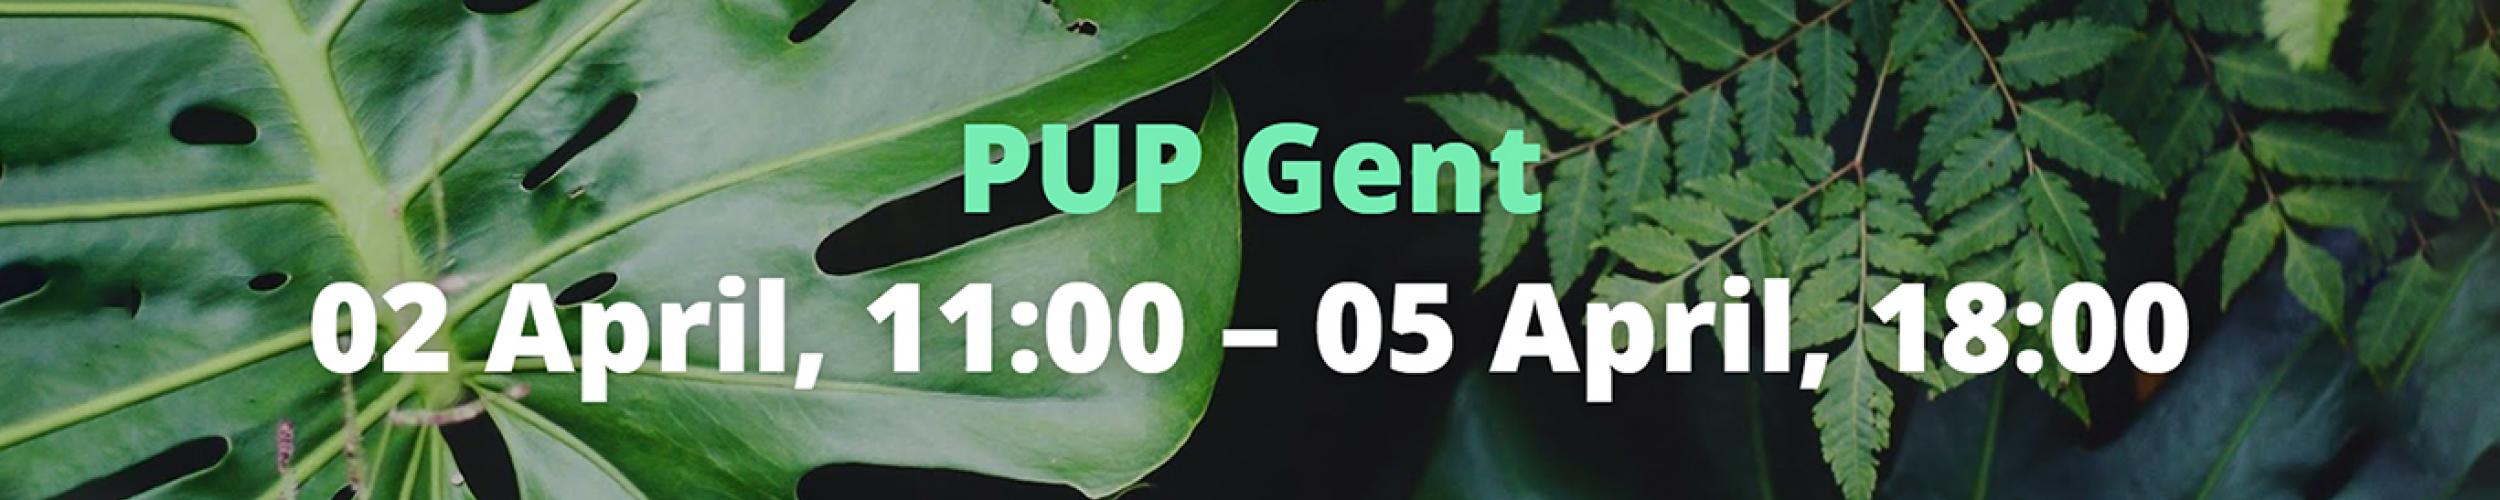 PUP Gent 02 April - 05 April